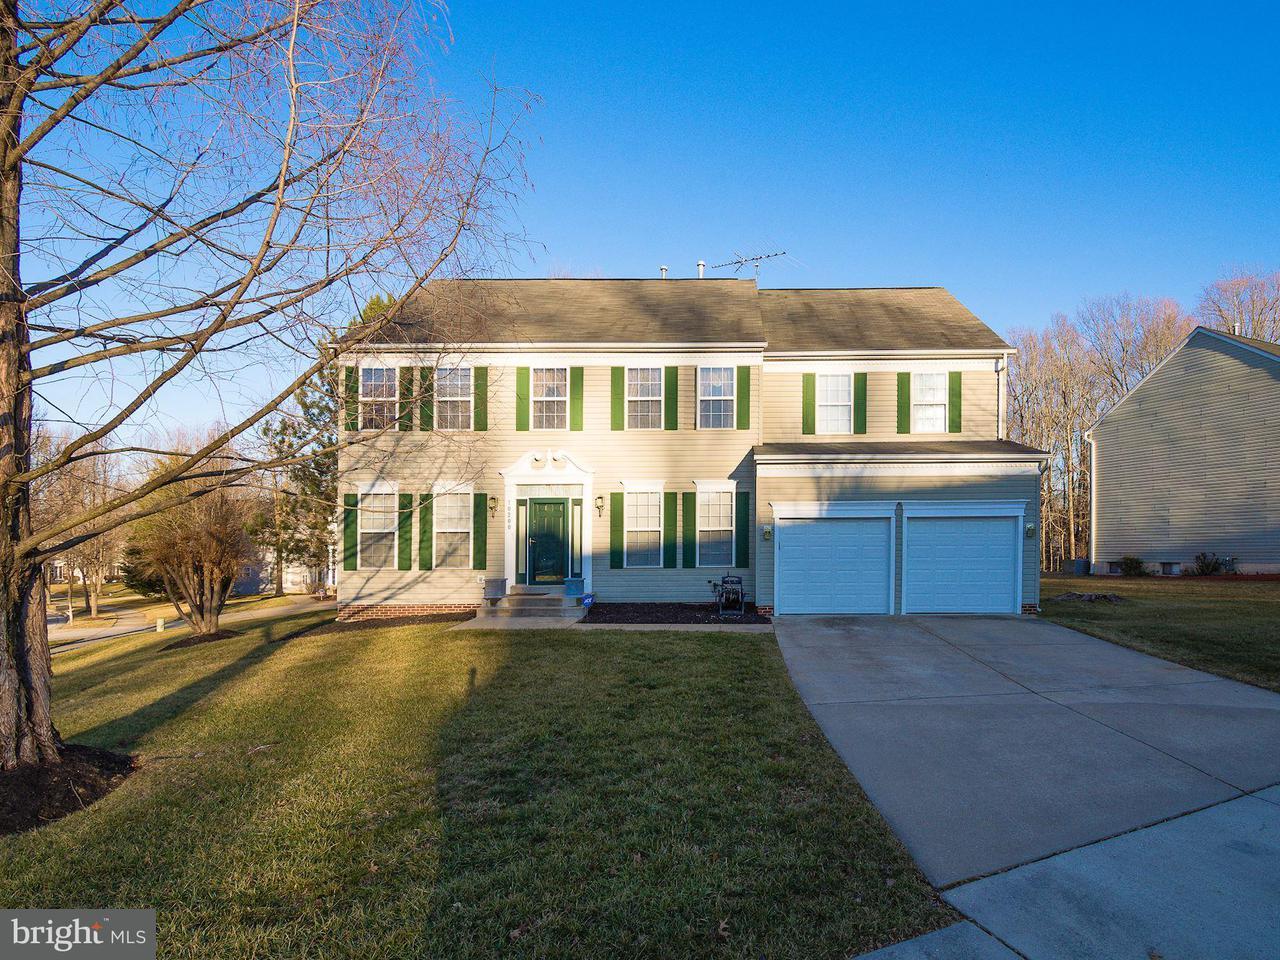 Vivienda unifamiliar por un Venta en 10200 Rock Oak Ter 10200 Rock Oak Ter Cheltenham, Maryland 20623 Estados Unidos